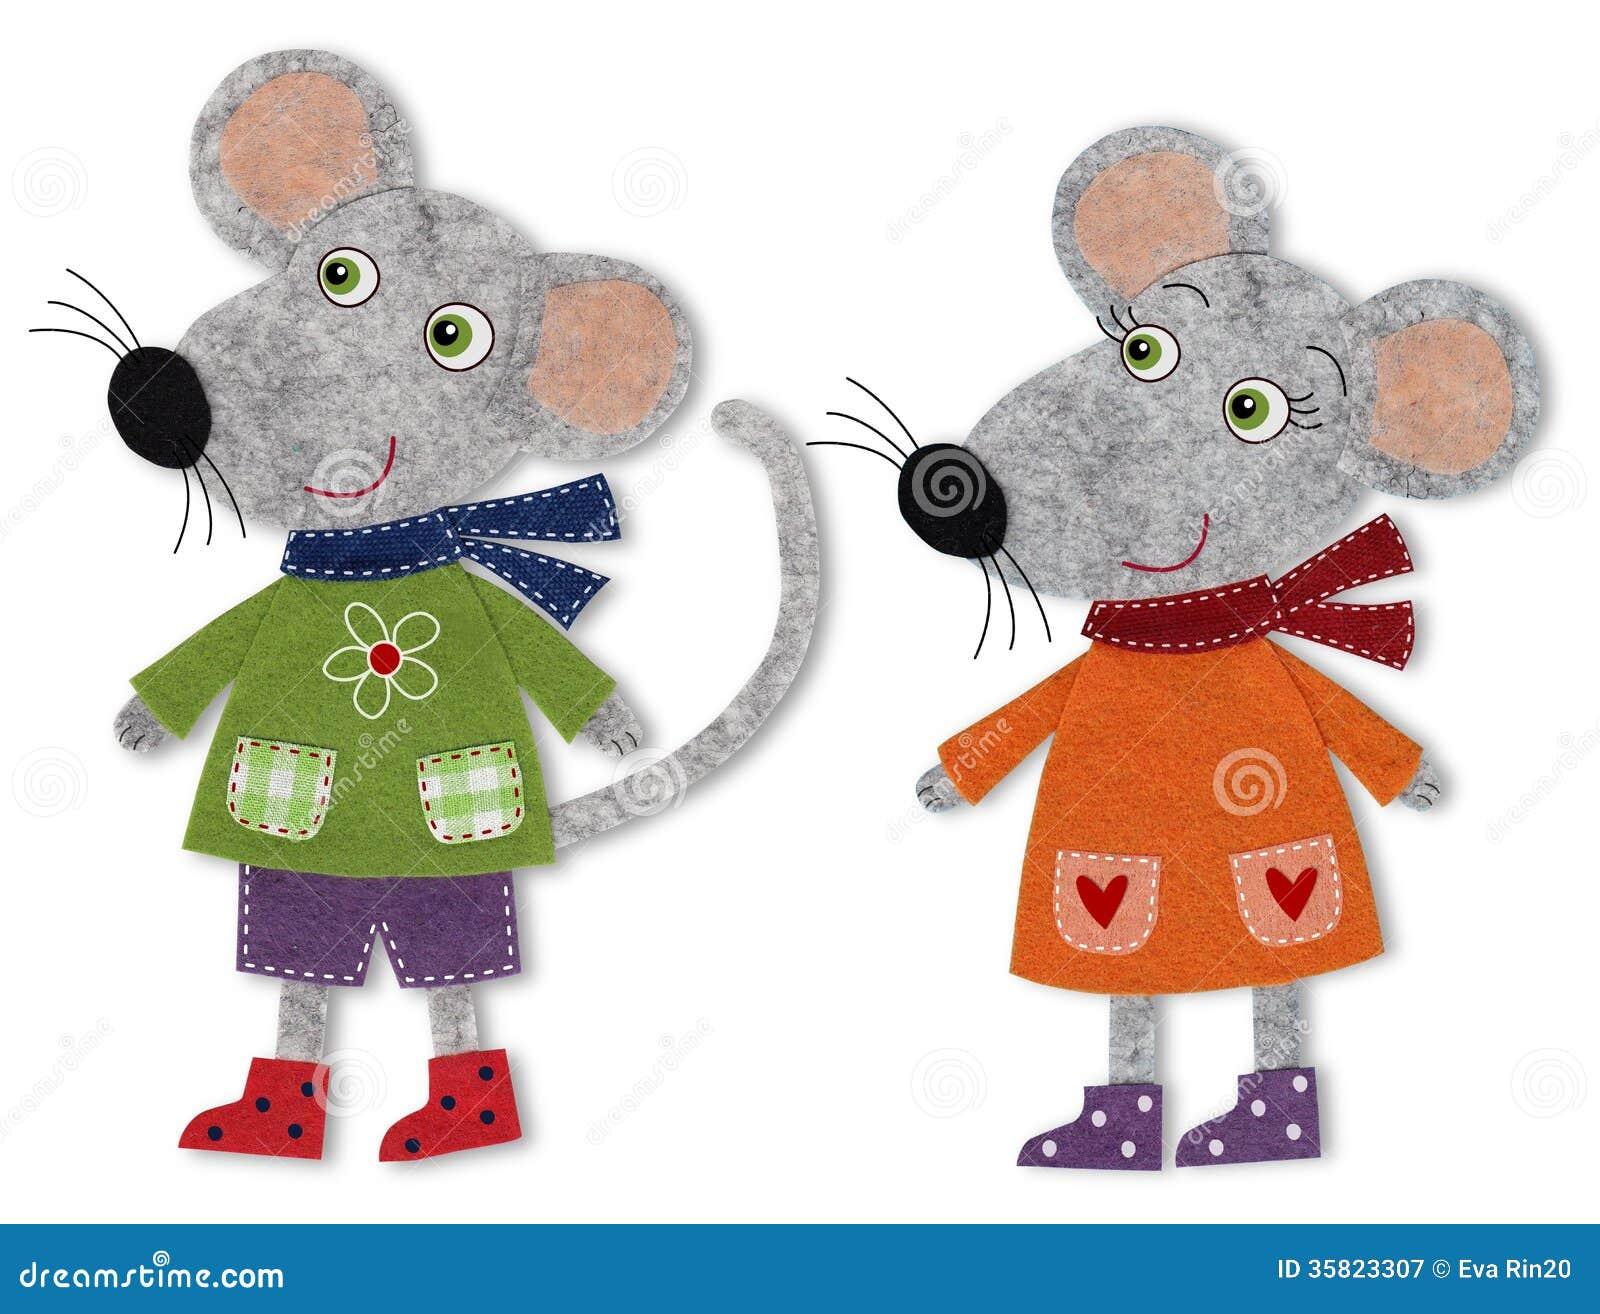 Cartone animato divertente topo con segno bianco u vettoriali